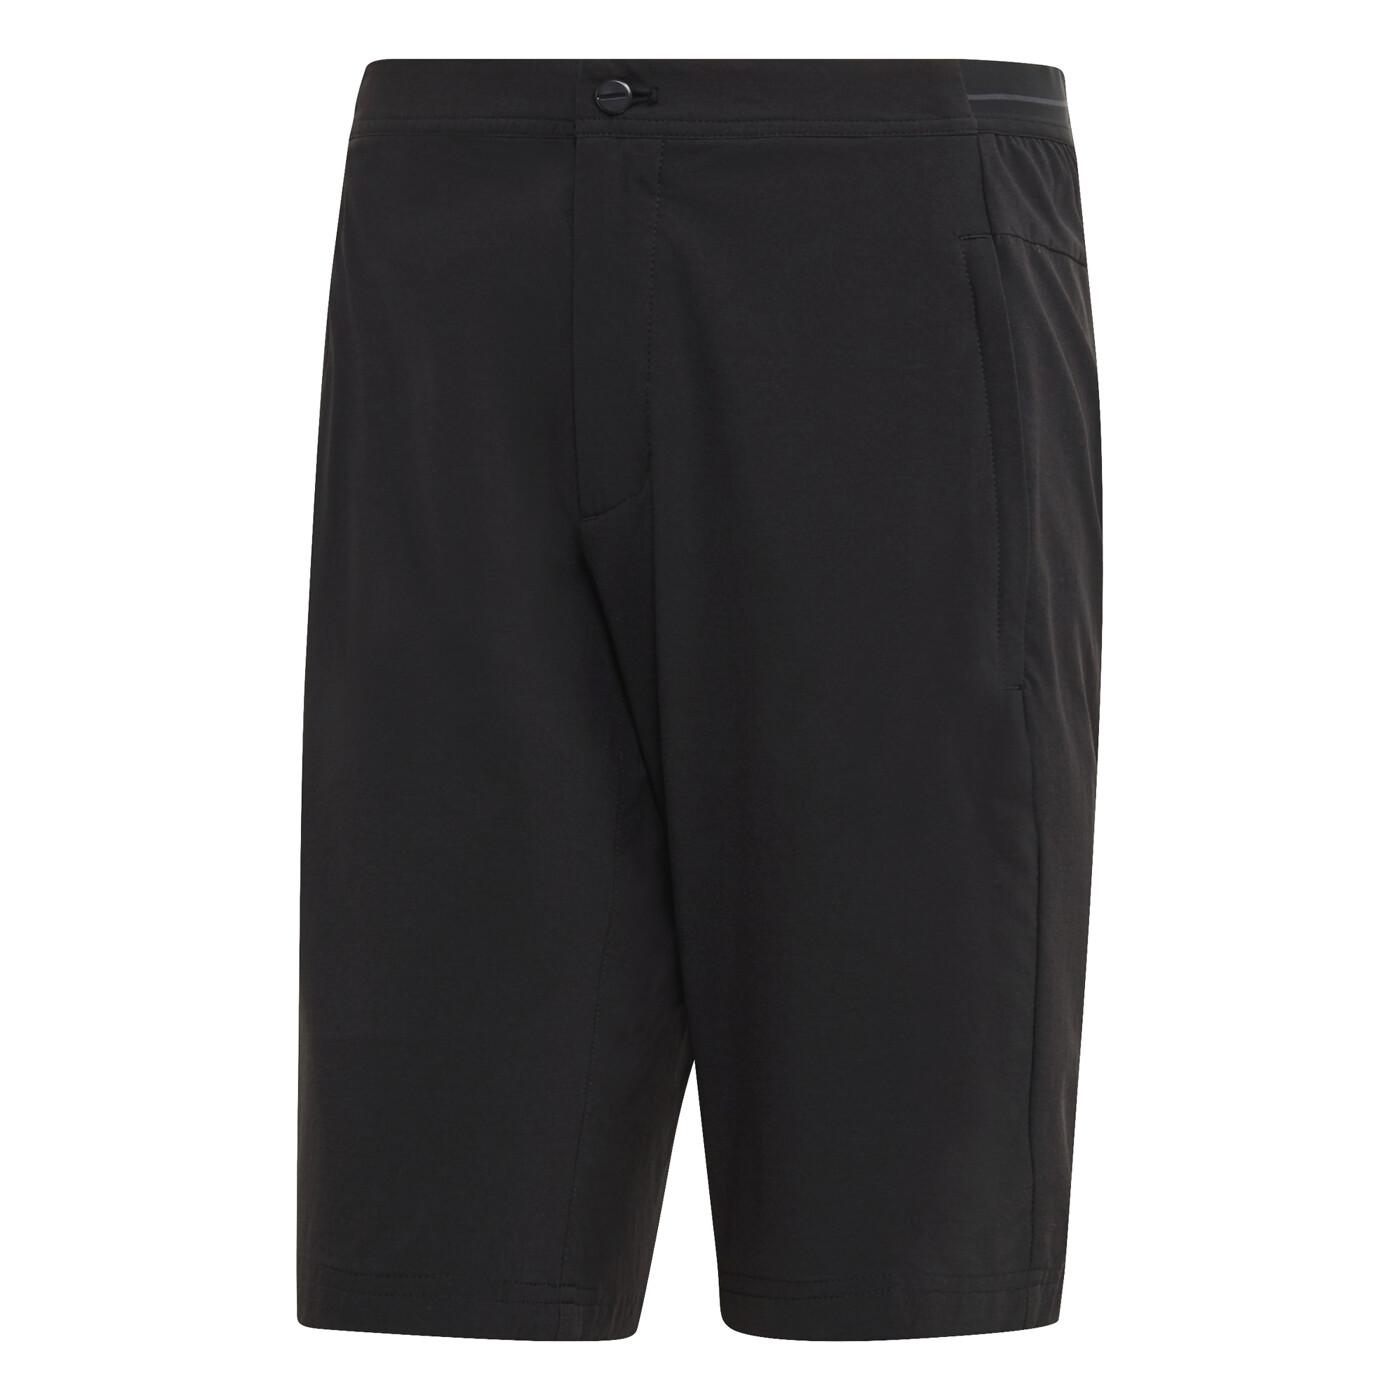 ADIDAS LiteFlex Shorts - Herren